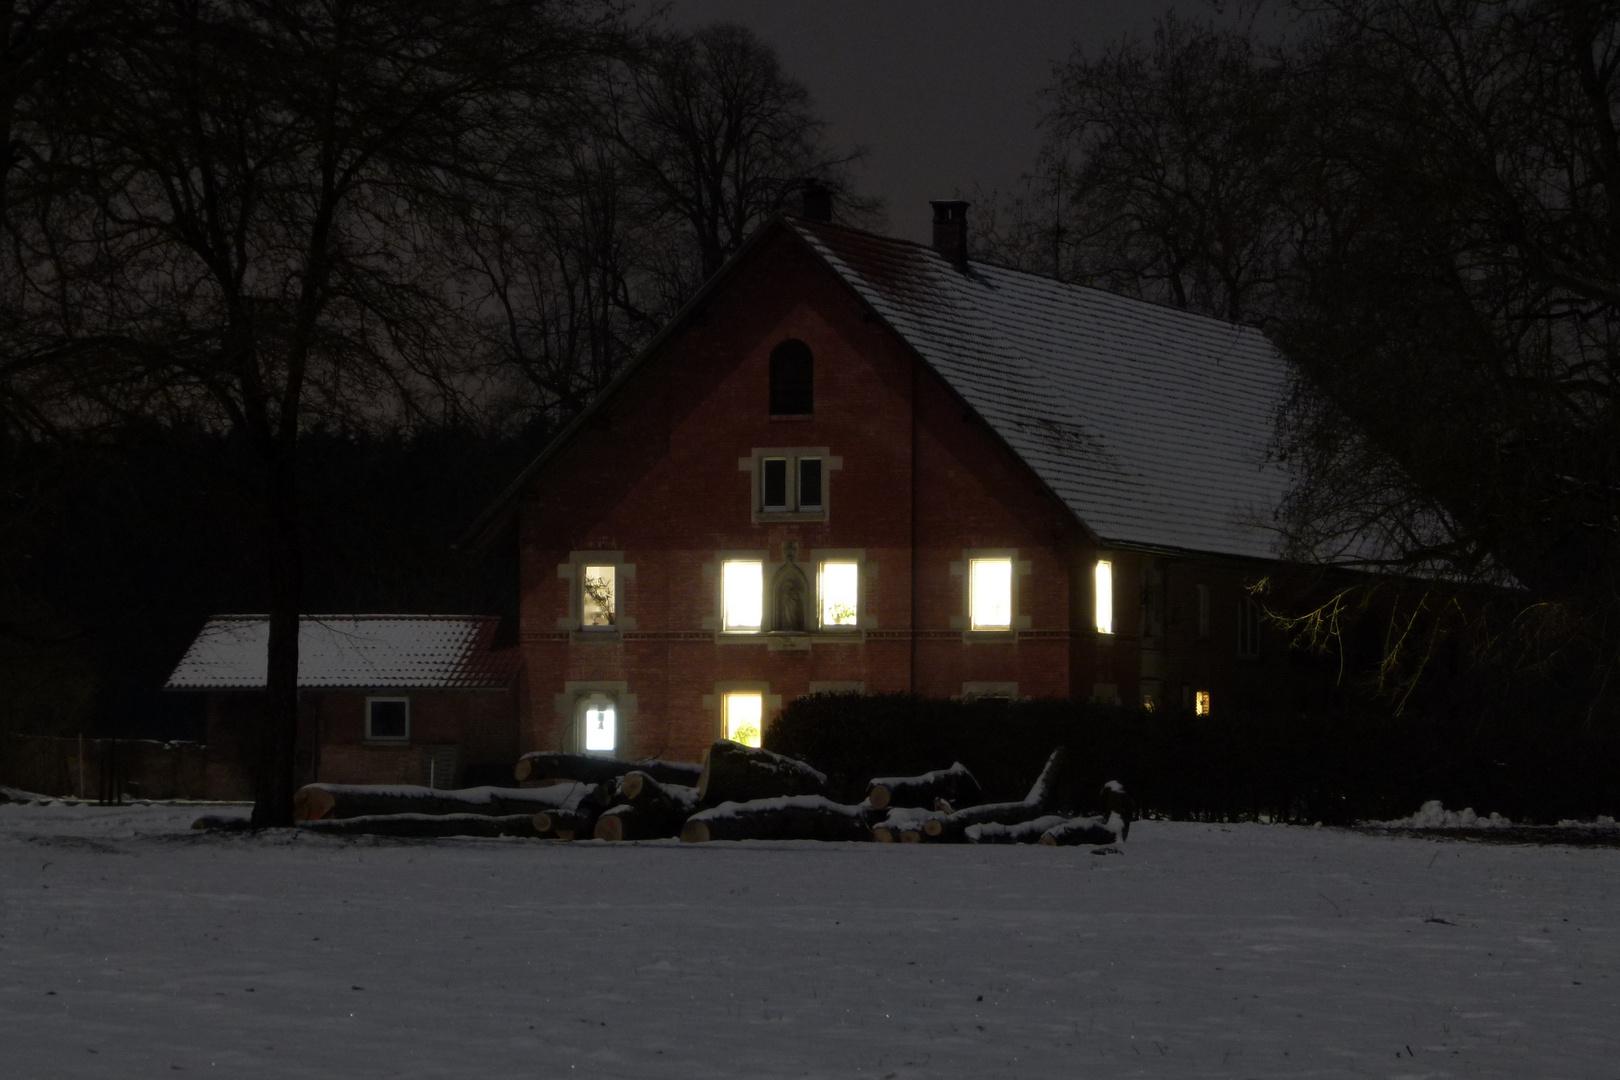 Wohnhaus hell erleuchtet